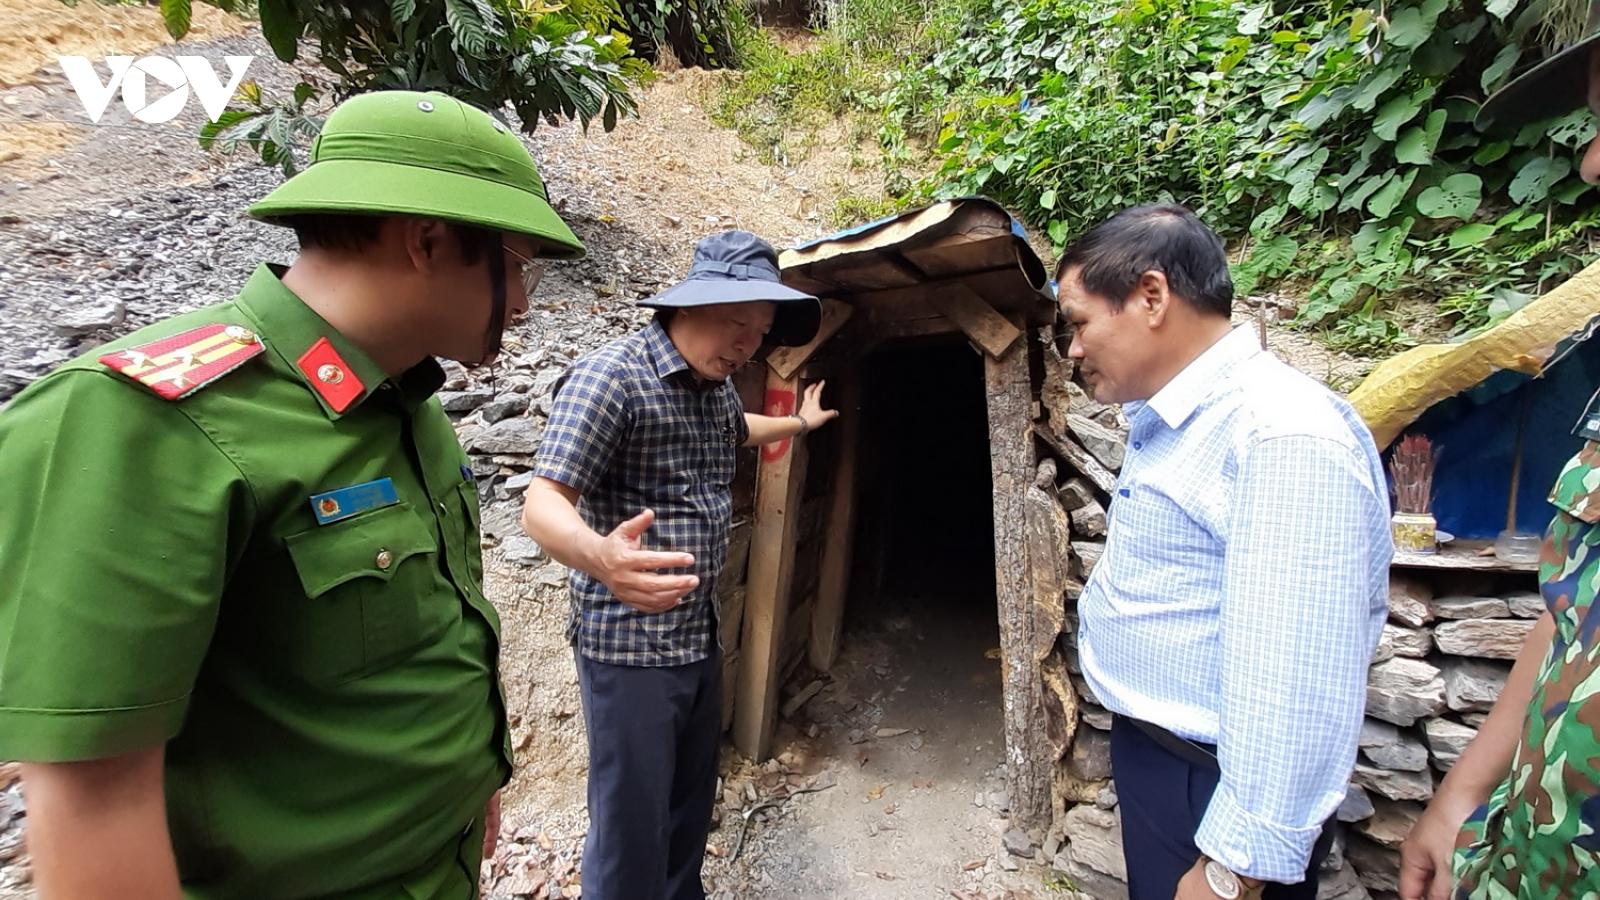 Kiểm tra các bãi vàng trái phéptại Vườn Quốc gia sông Thanh